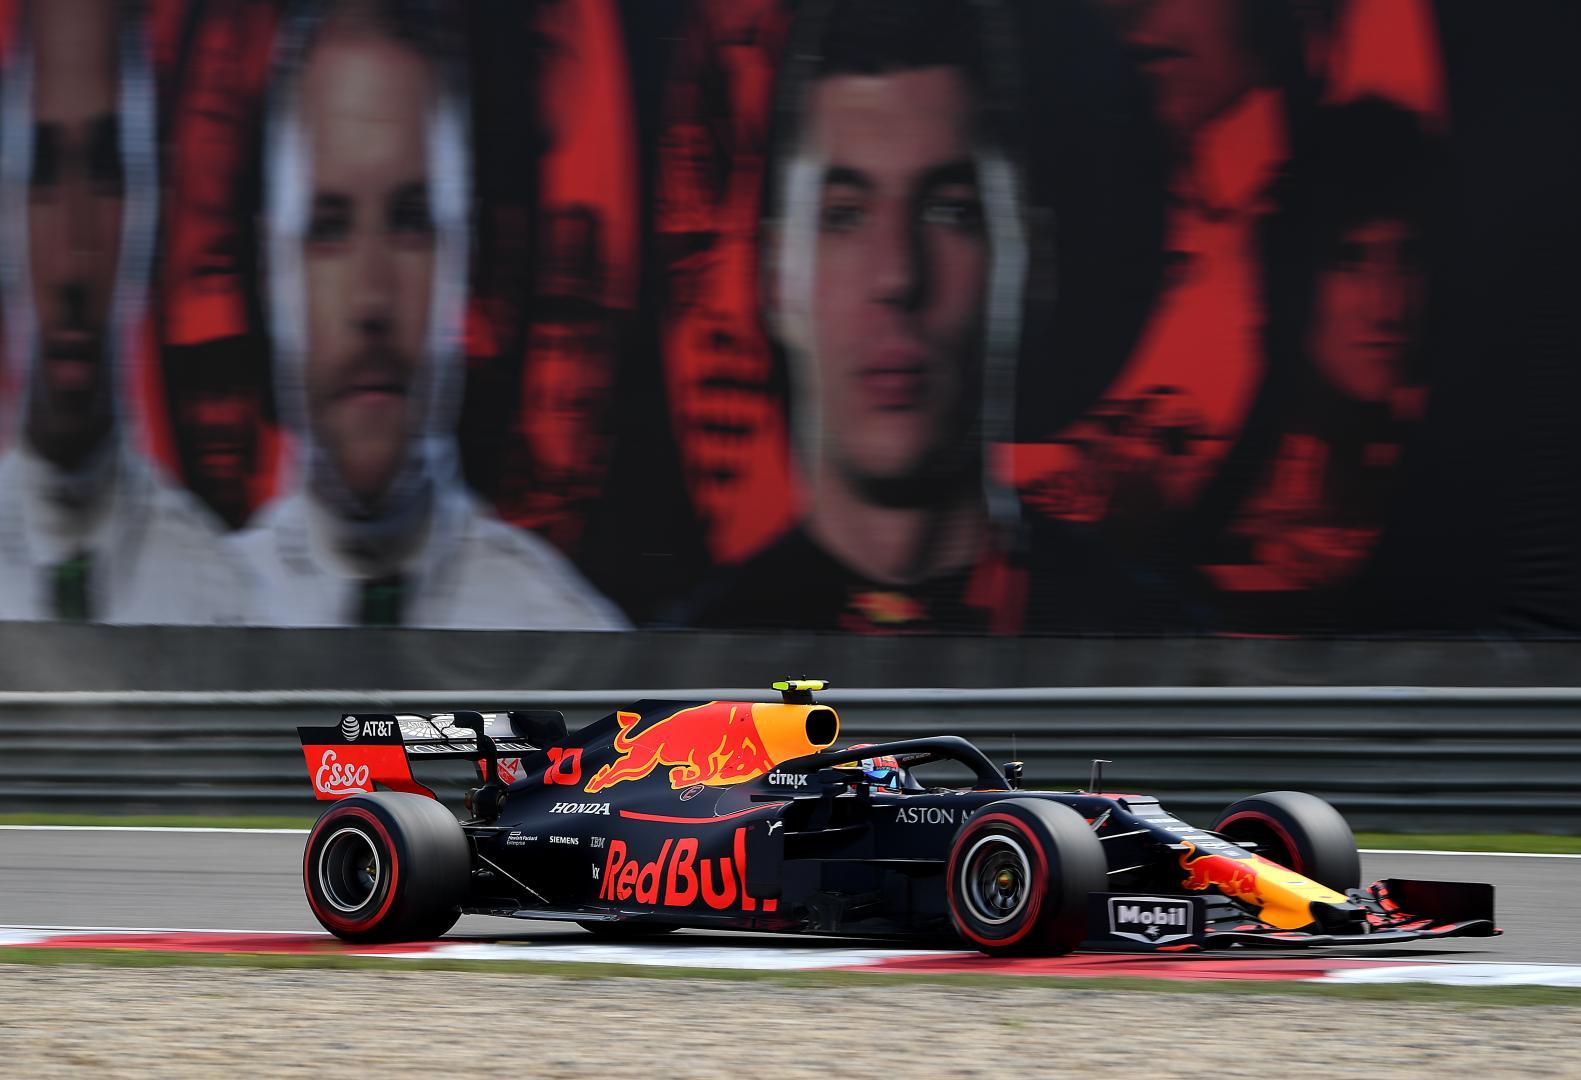 Uitslag van de GP van China 2019